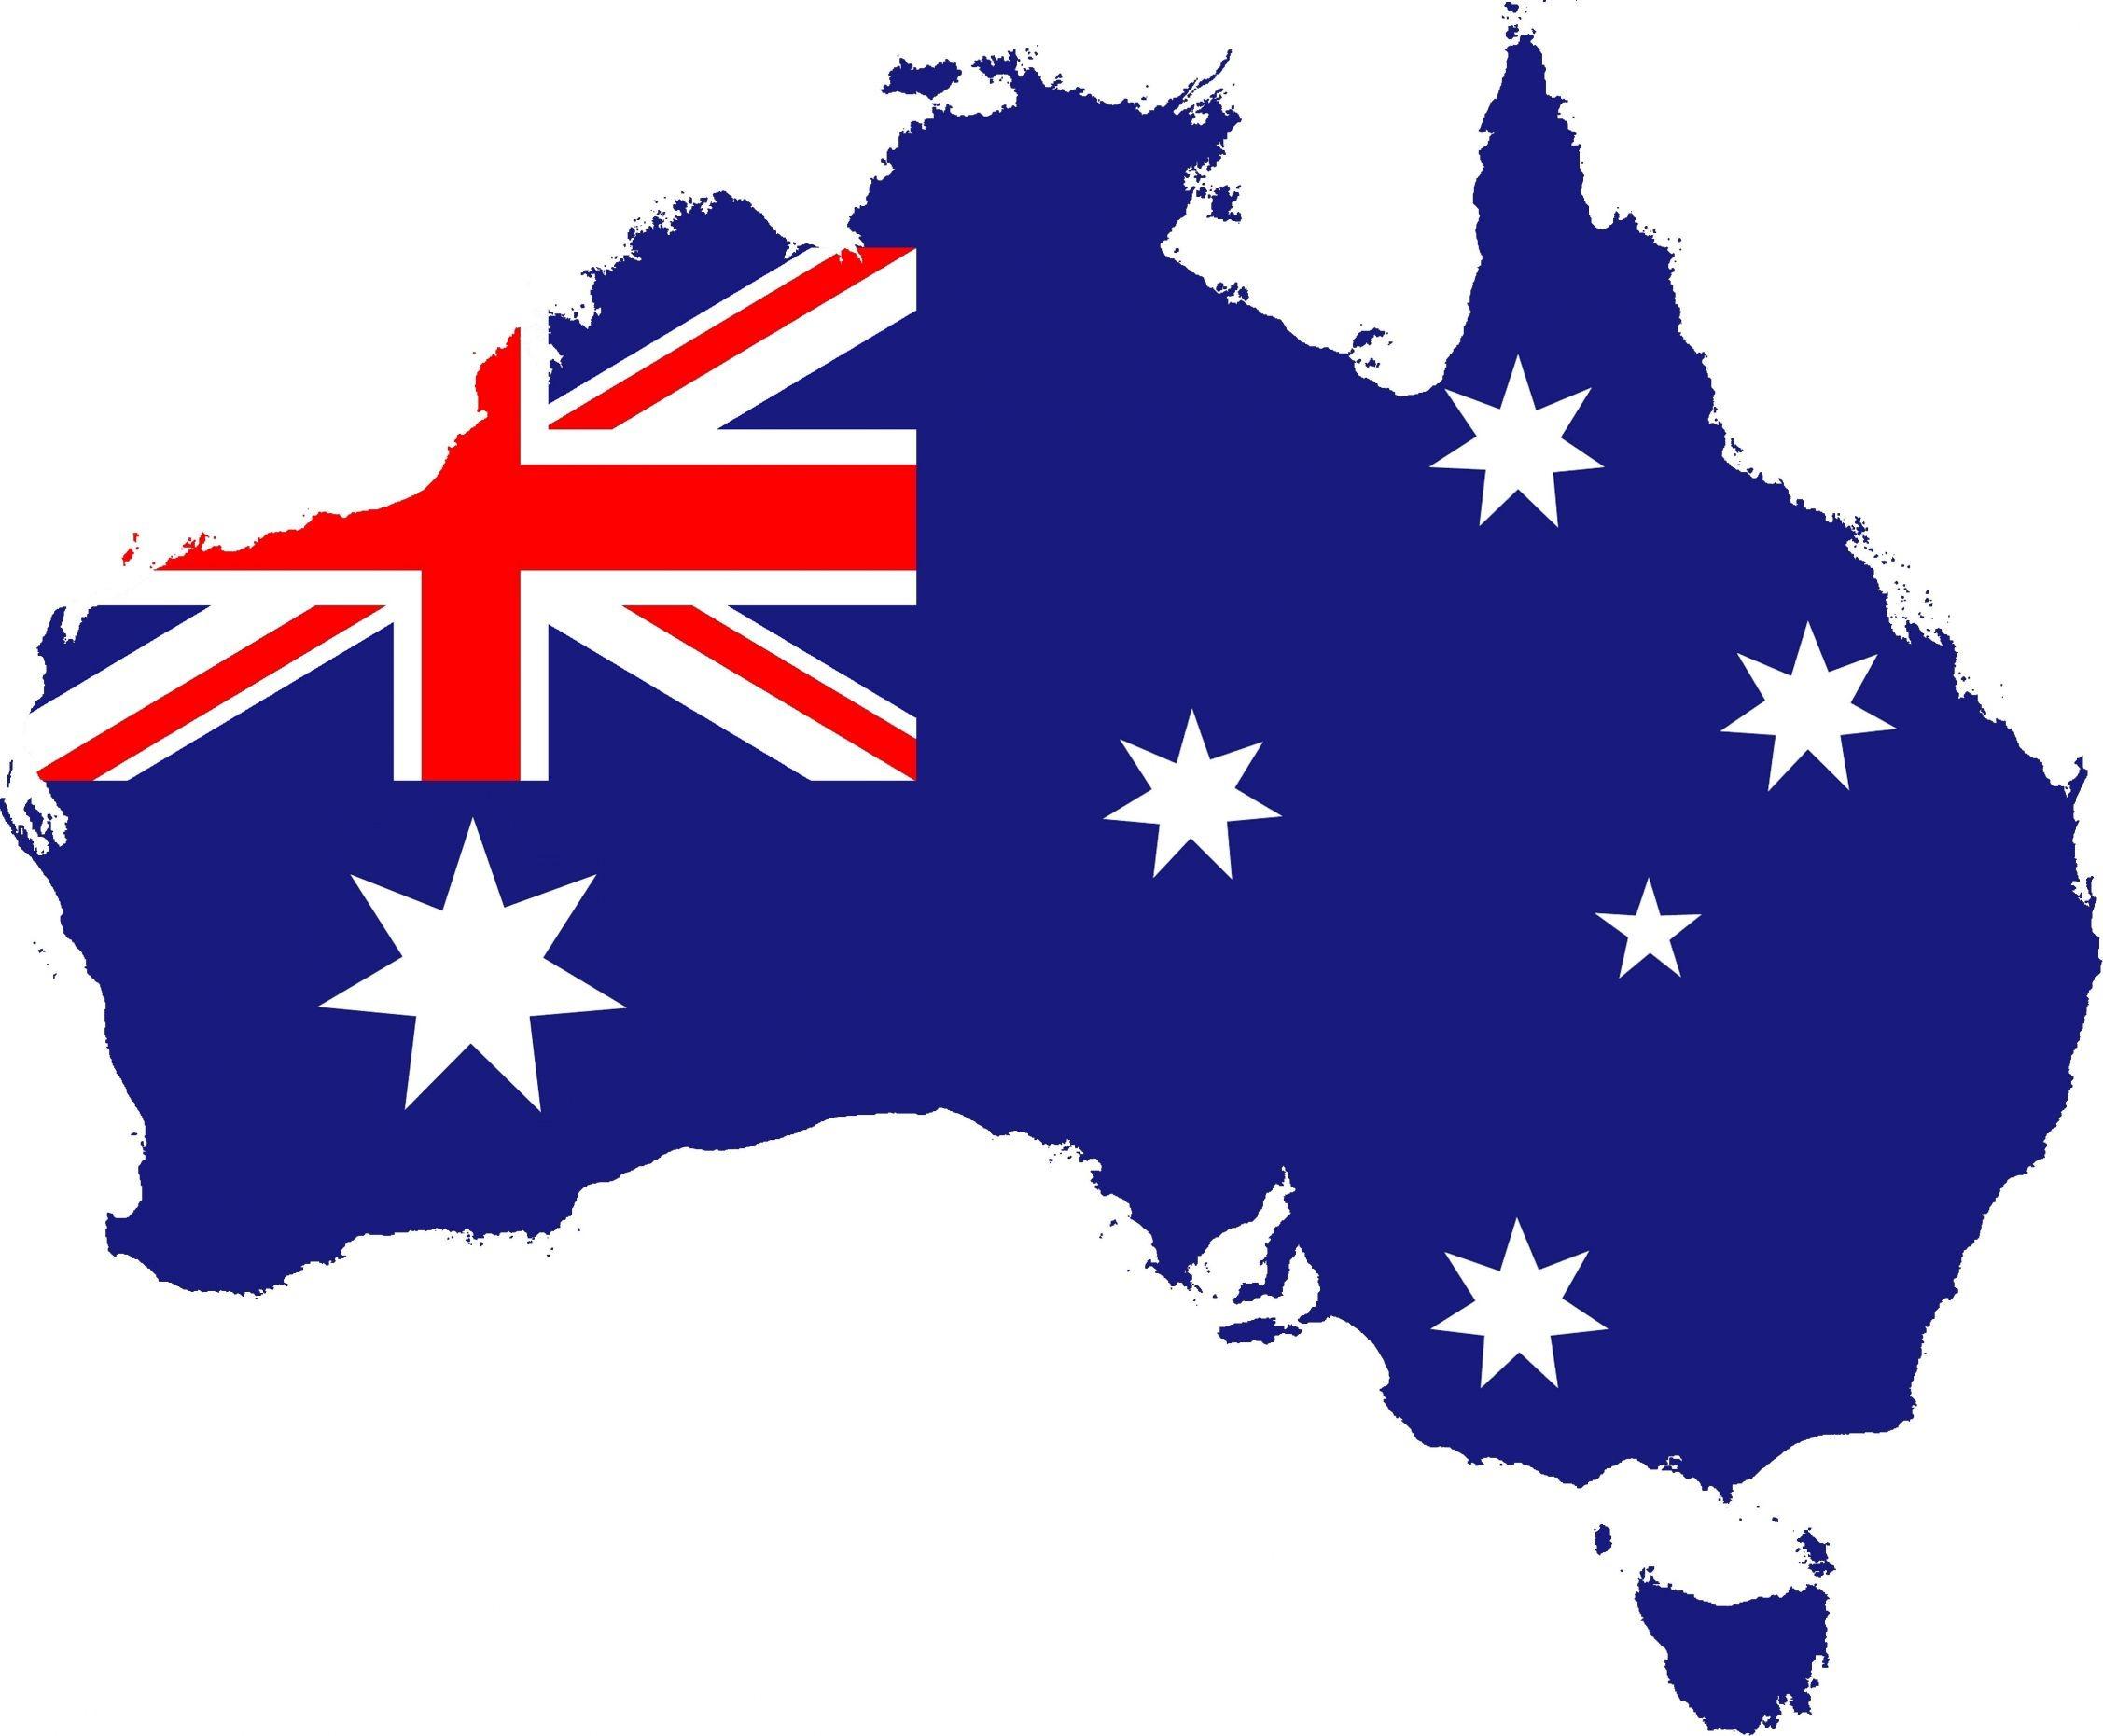 A Australian Stock Exchange (ASX) anunciou oficialmente que passará do atual sistema de compensações CHESS (Clearing House Electronic Subregister System) para uma nova solução baseada na tecnologia de registro distribuído.